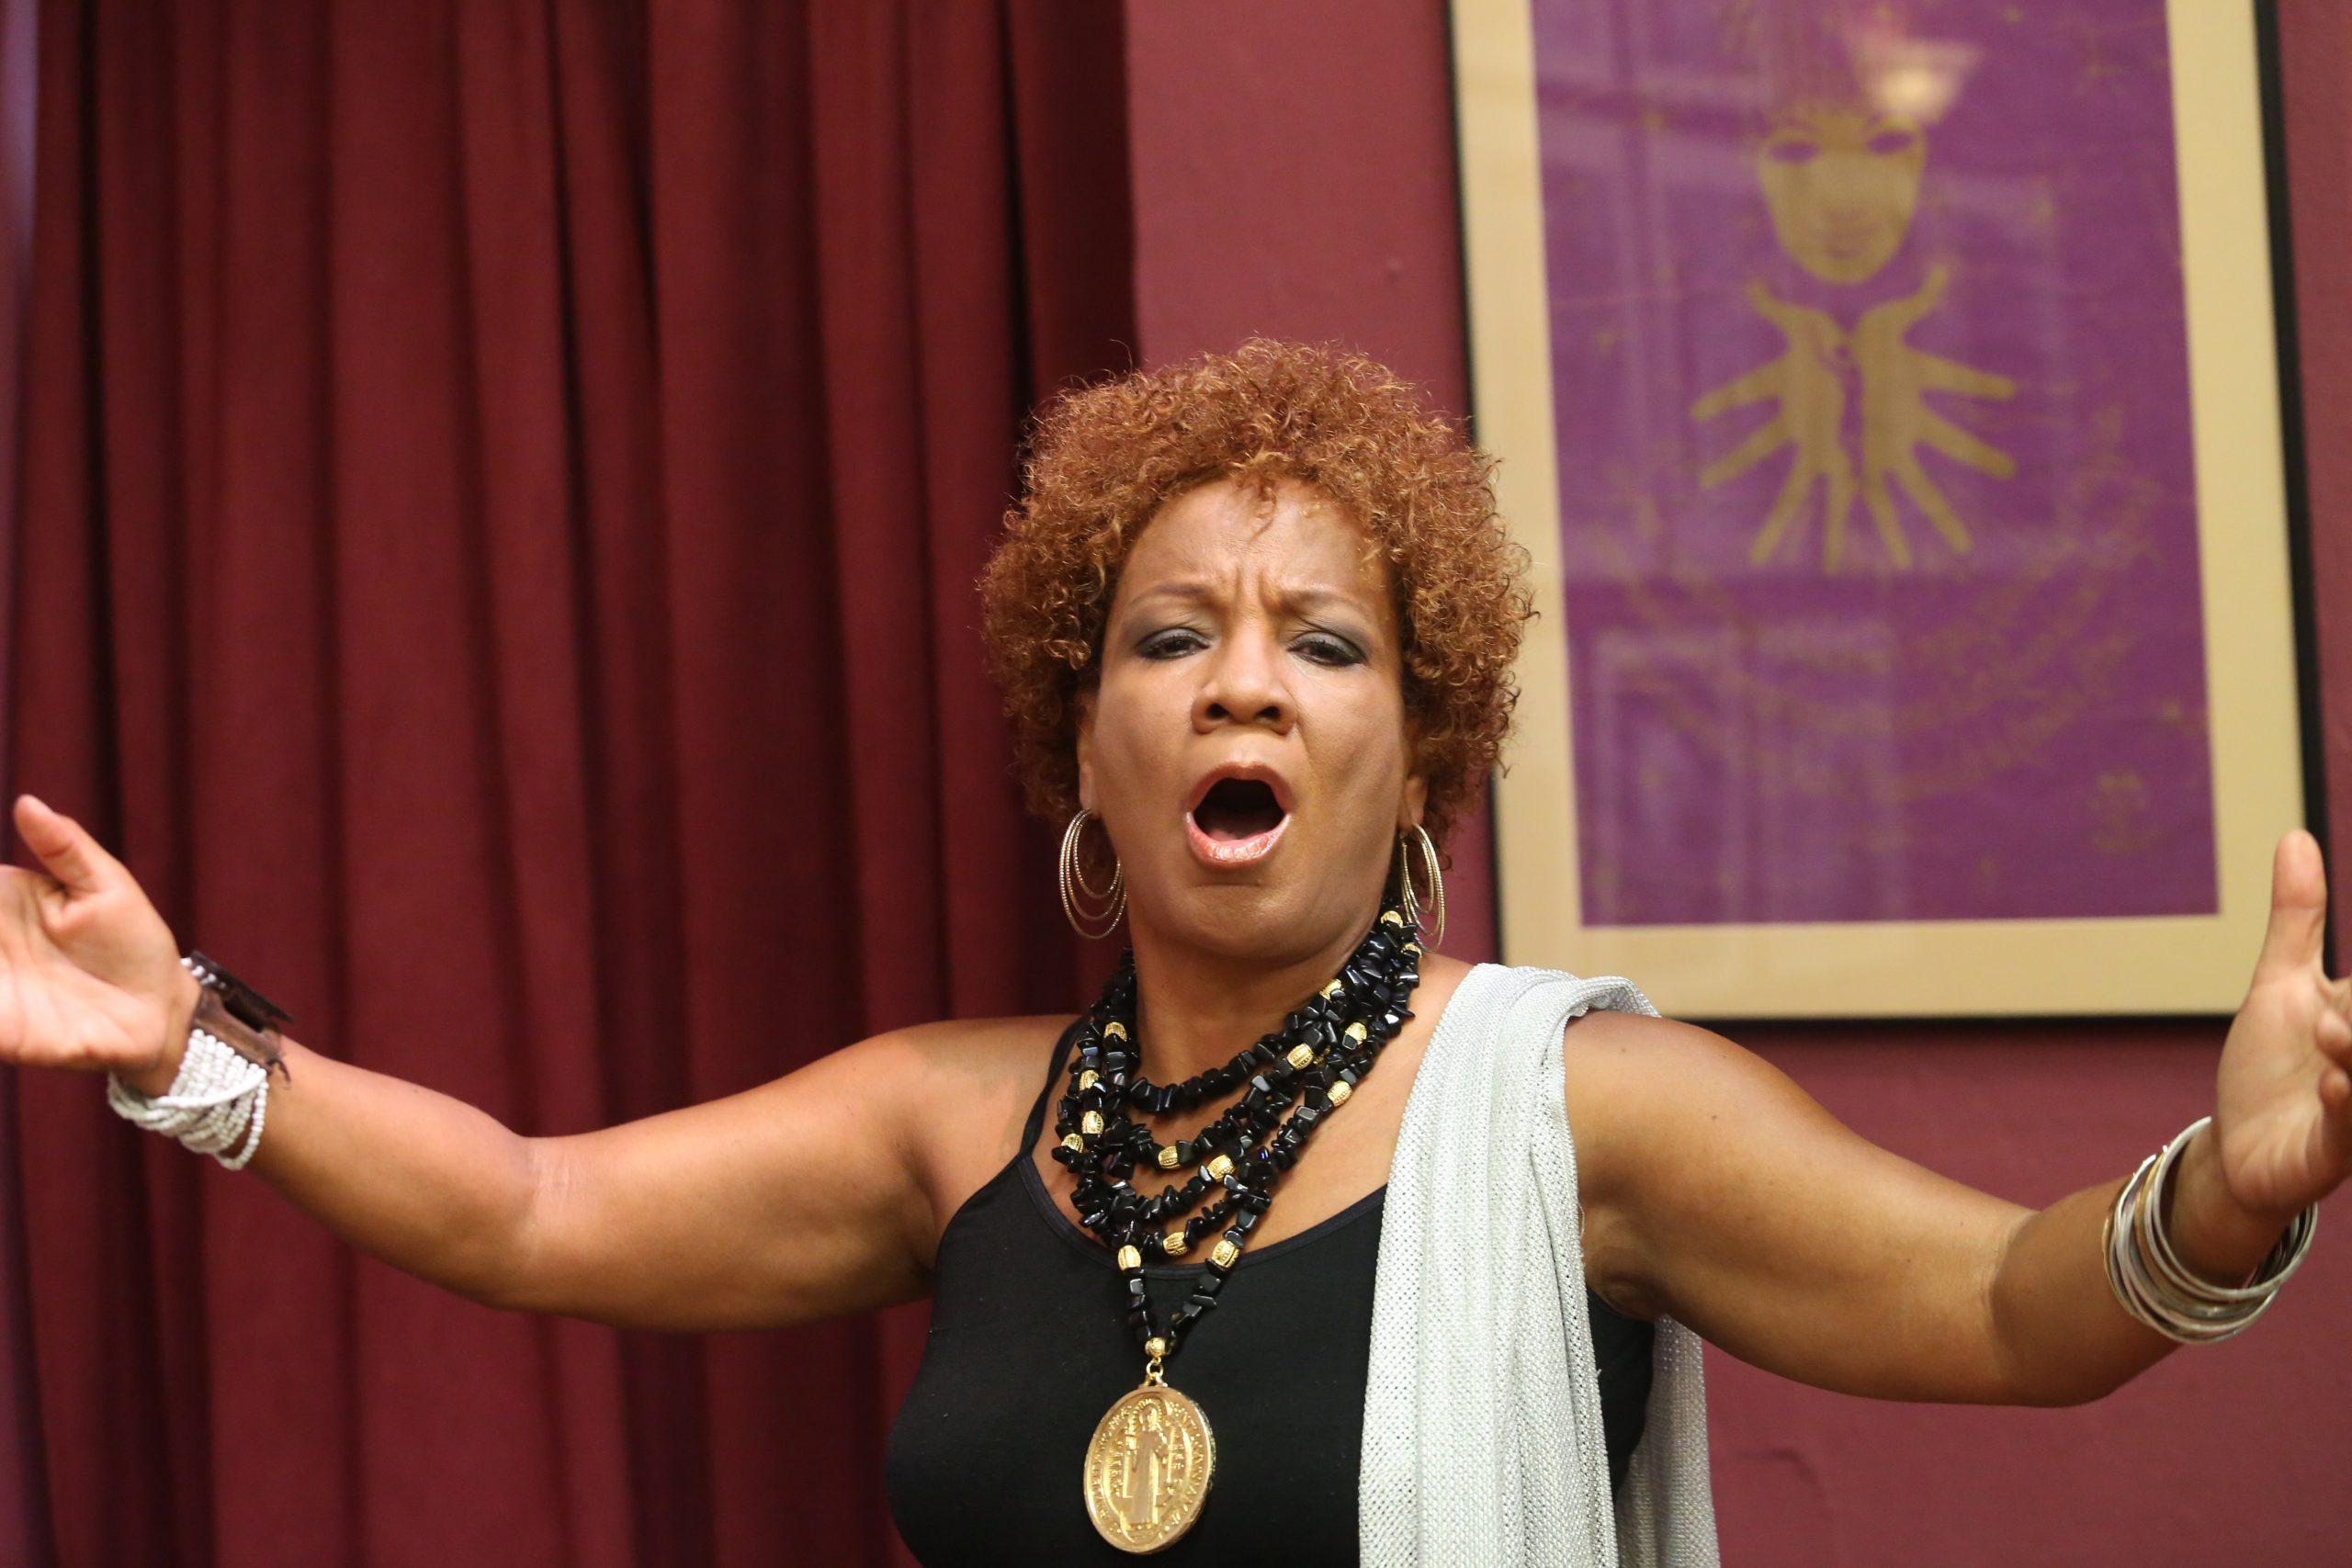 El 19 de julio Choco hará un espectáculo totalmente dedicado a Ruth en el Teatro Tapia del Viejo San Juan.